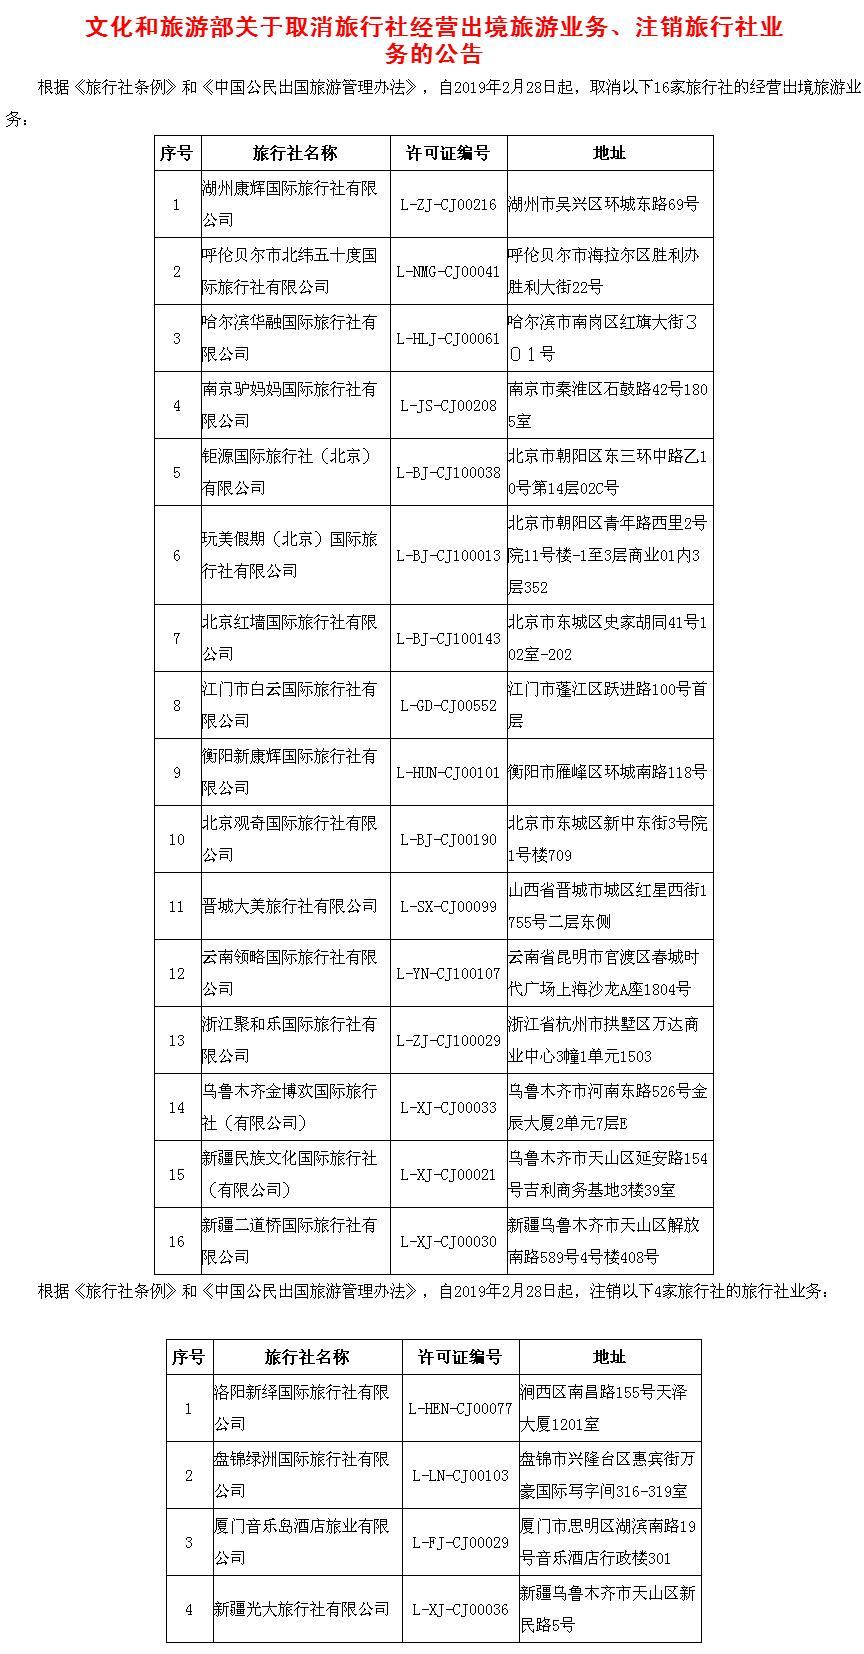 旅行社黑名单是怎么回事 旅行社黑名单是什么情况_52z.com